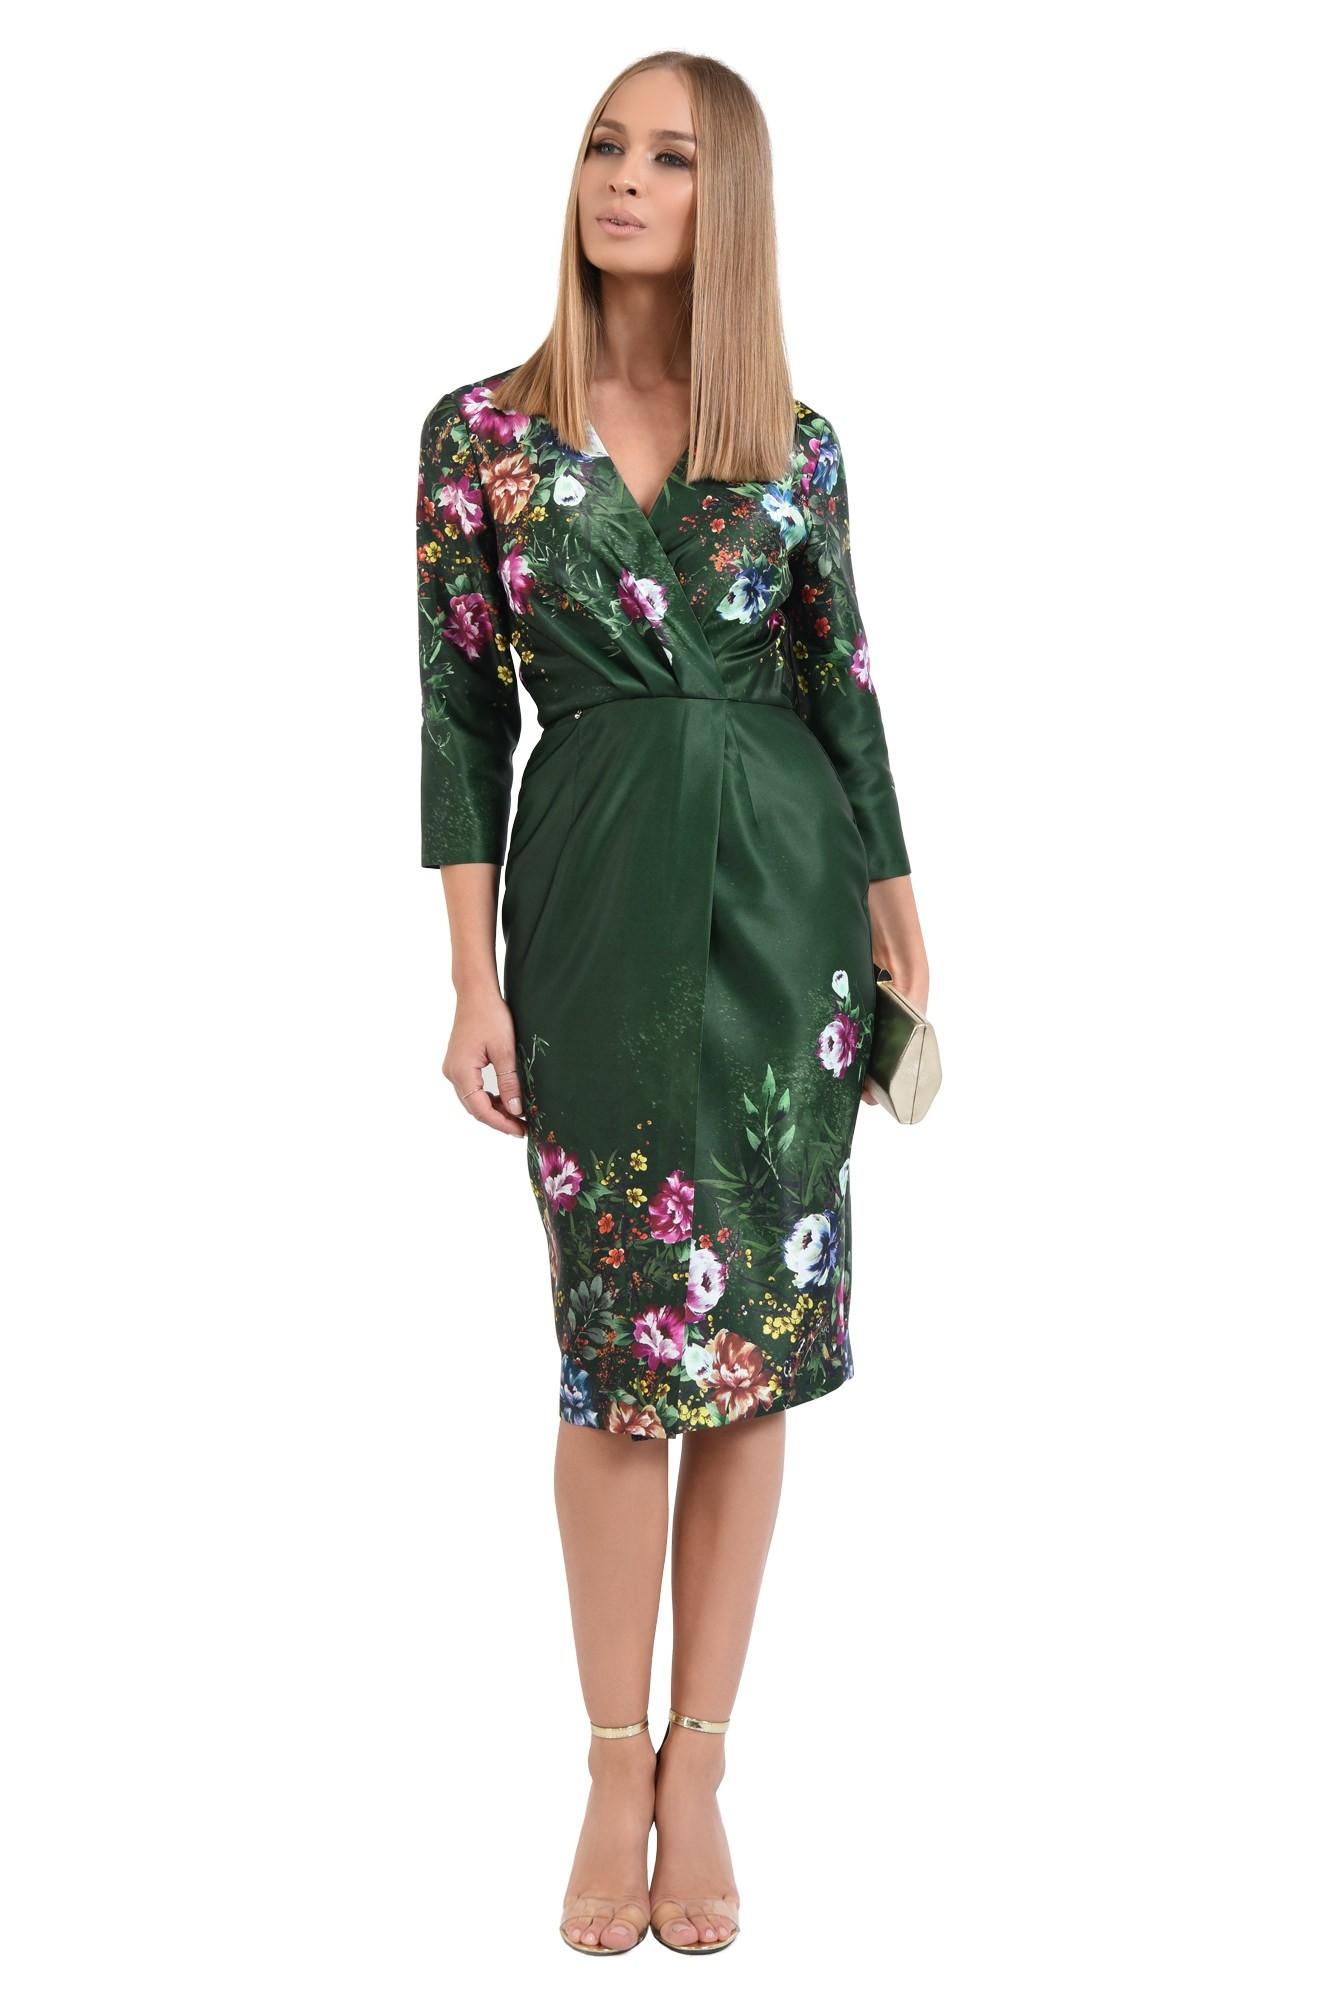 0 - rochie conica, midi, petrecuta, de ocazie, motive florale